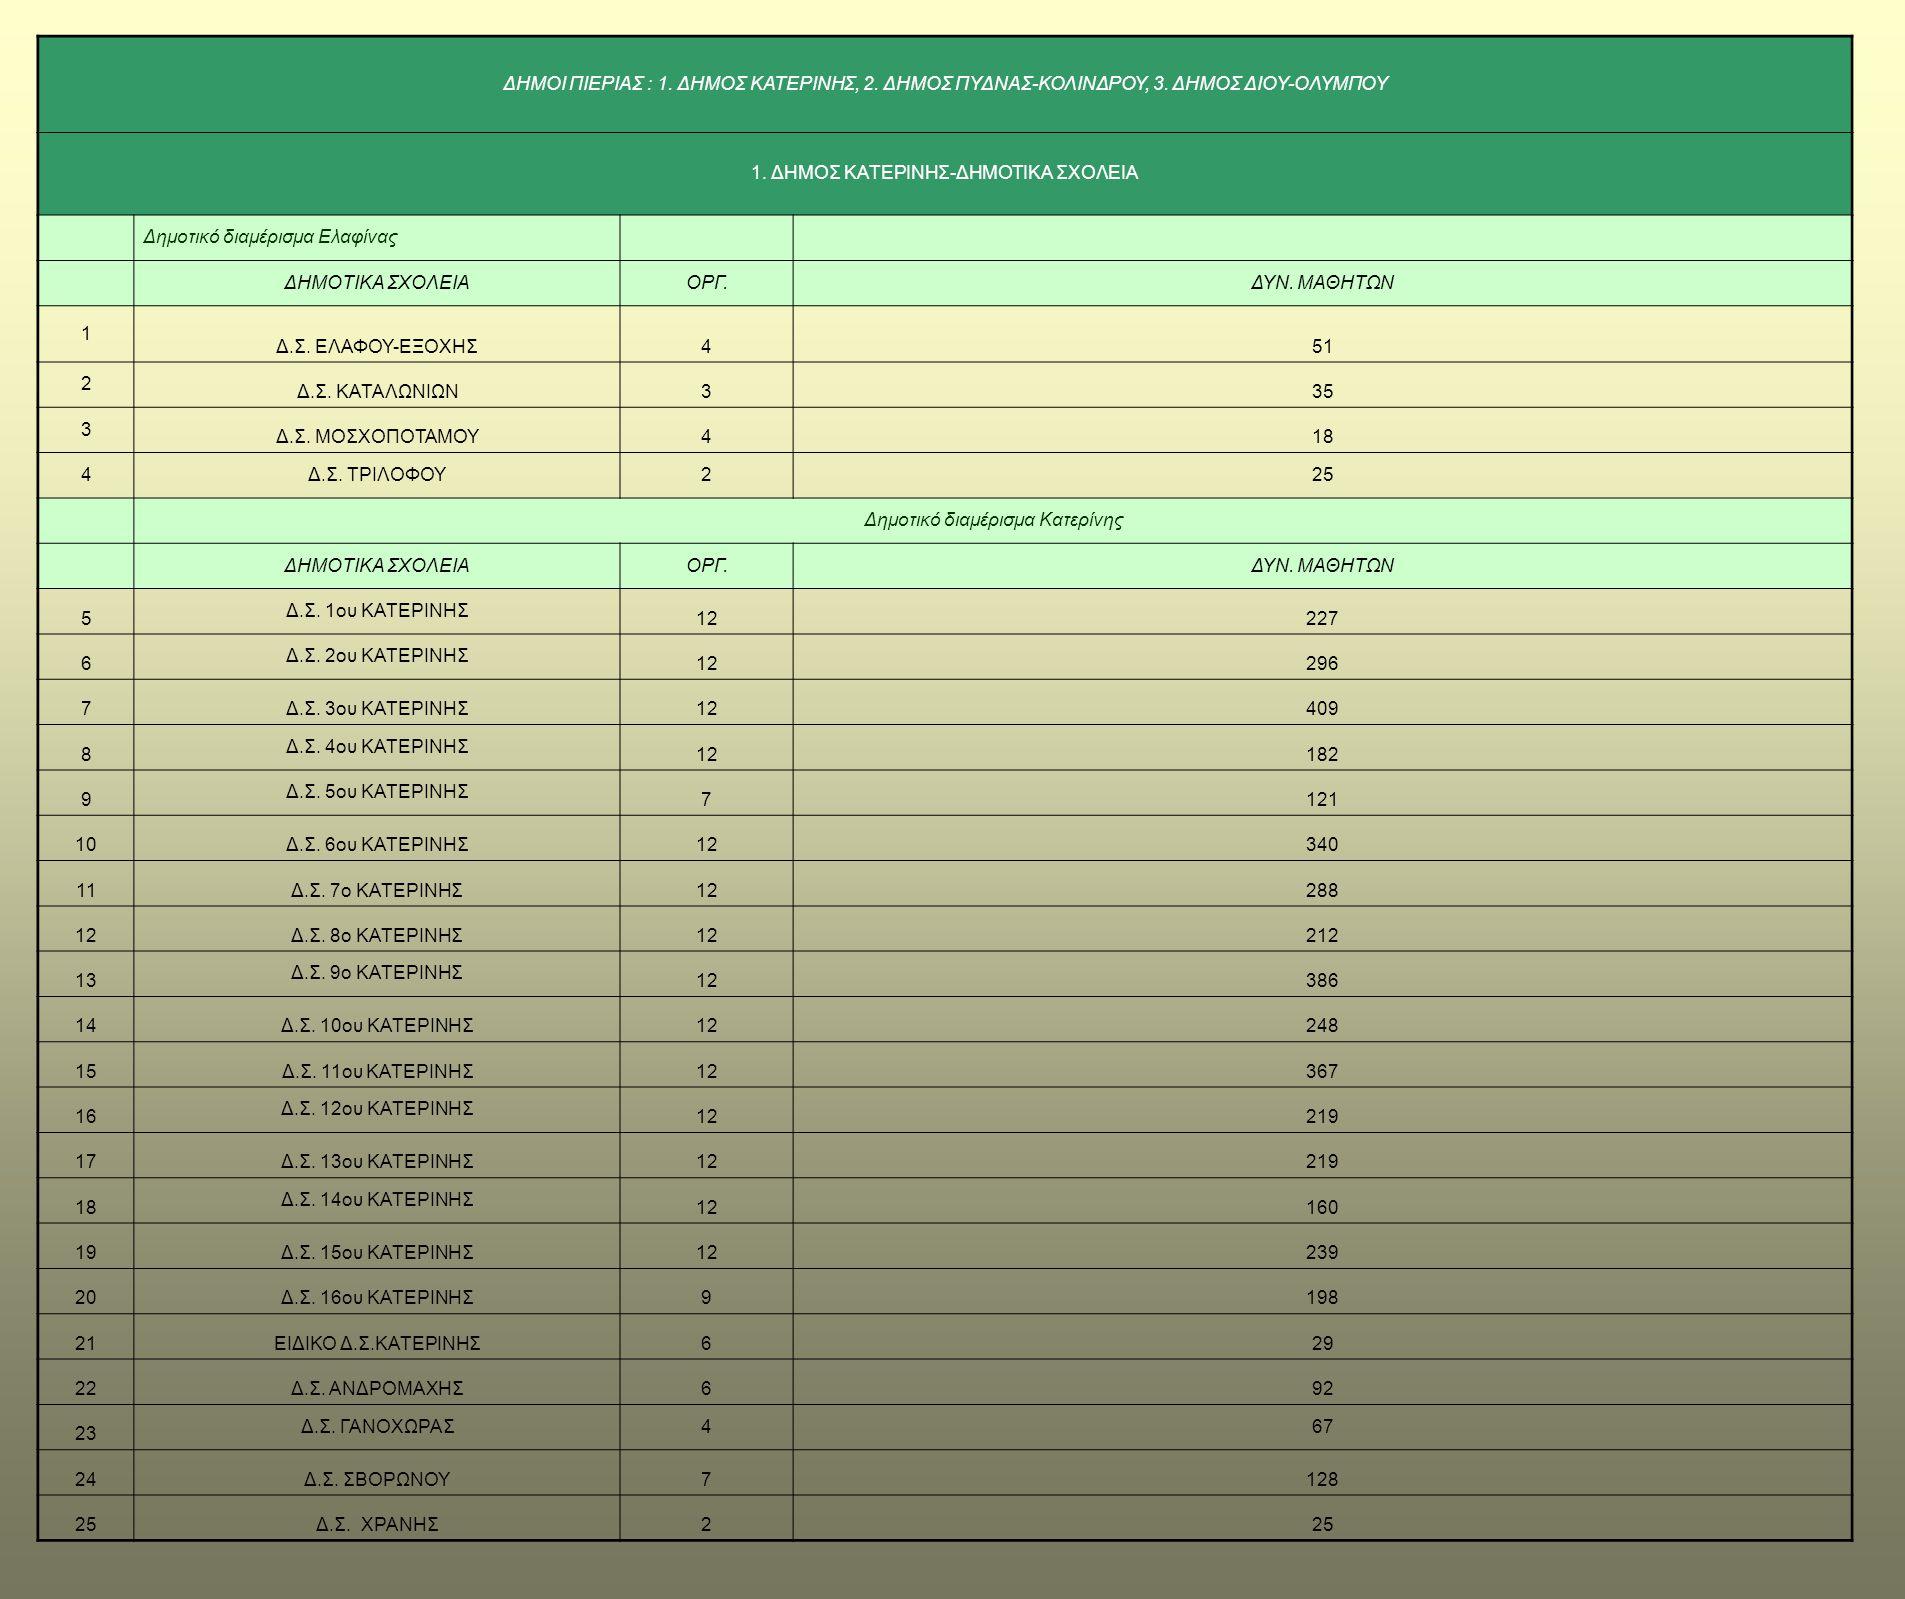 ΔΗΜΟΙ ΠΙΕΡΙΑΣ : 1. ΔΗΜΟΣ ΚΑΤΕΡΙΝΗΣ, 2. ΔΗΜΟΣ ΠΥΔΝΑΣ-ΚΟΛΙΝΔΡΟΥ, 3. ΔΗΜΟΣ ΔΙΟΥ-ΟΛΥΜΠΟΥ 1. ΔΗΜΟΣ ΚΑΤΕΡΙΝΗΣ-ΔΗΜΟΤΙΚΑ ΣΧΟΛΕΙΑ Δημοτικό διαμέρισμα Ελαφίνας